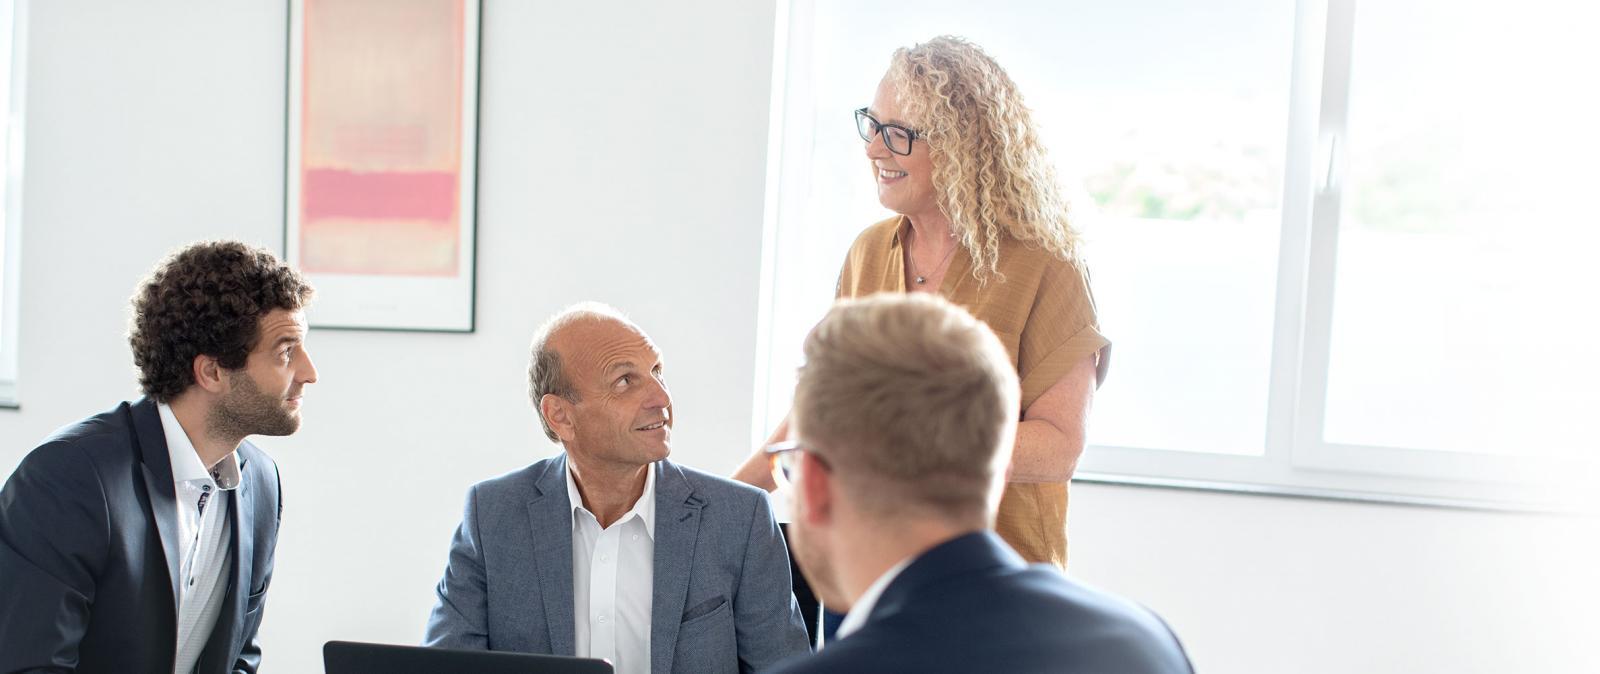 Eine Frau und drei Männer in Besprechungssituation